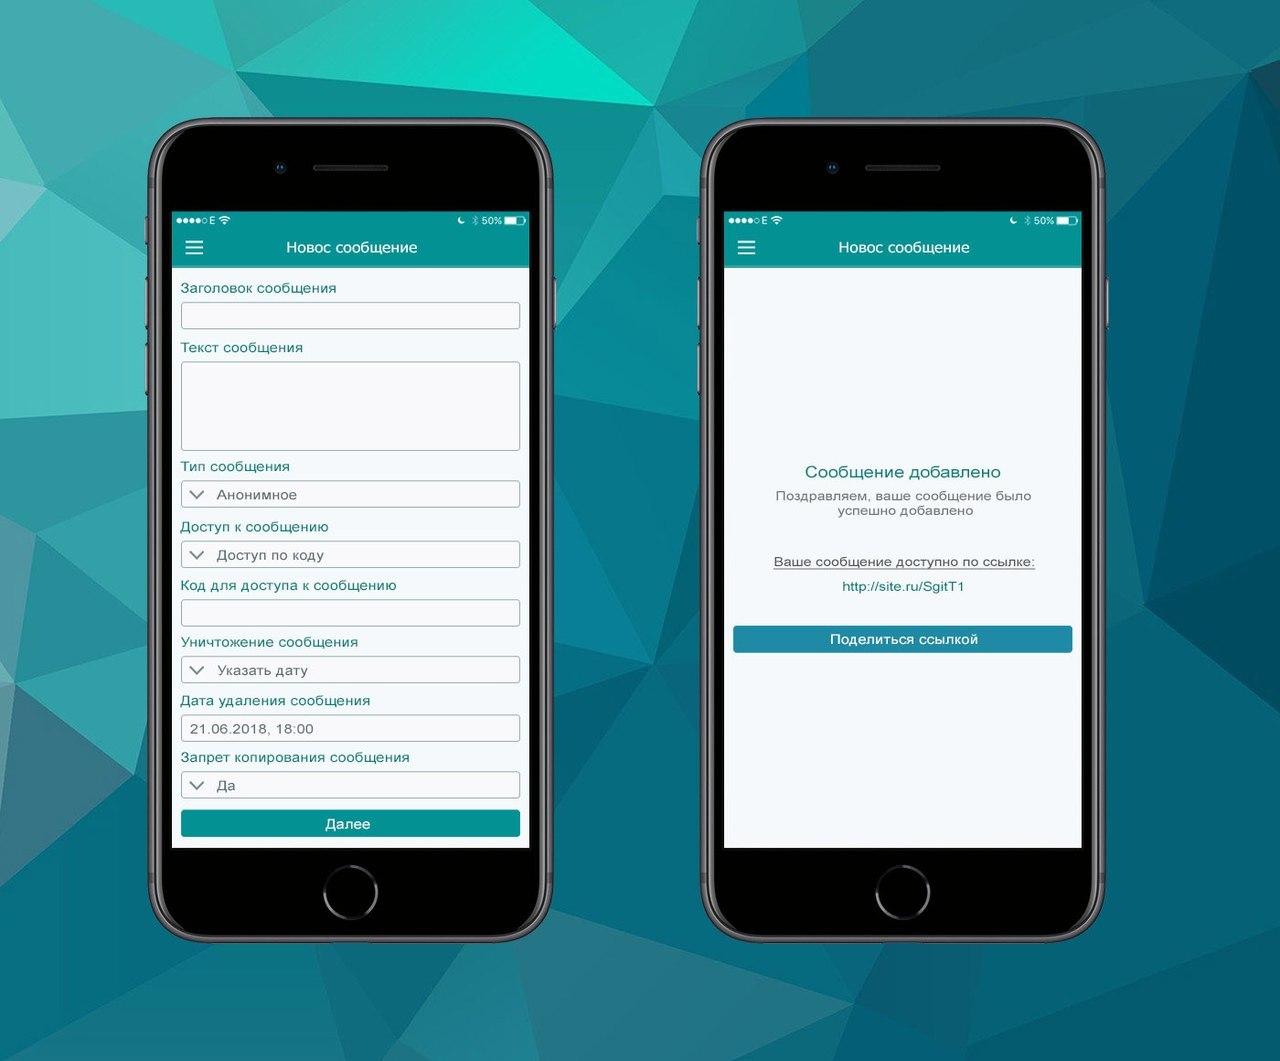 Дизайн приложения анонимных сообщений